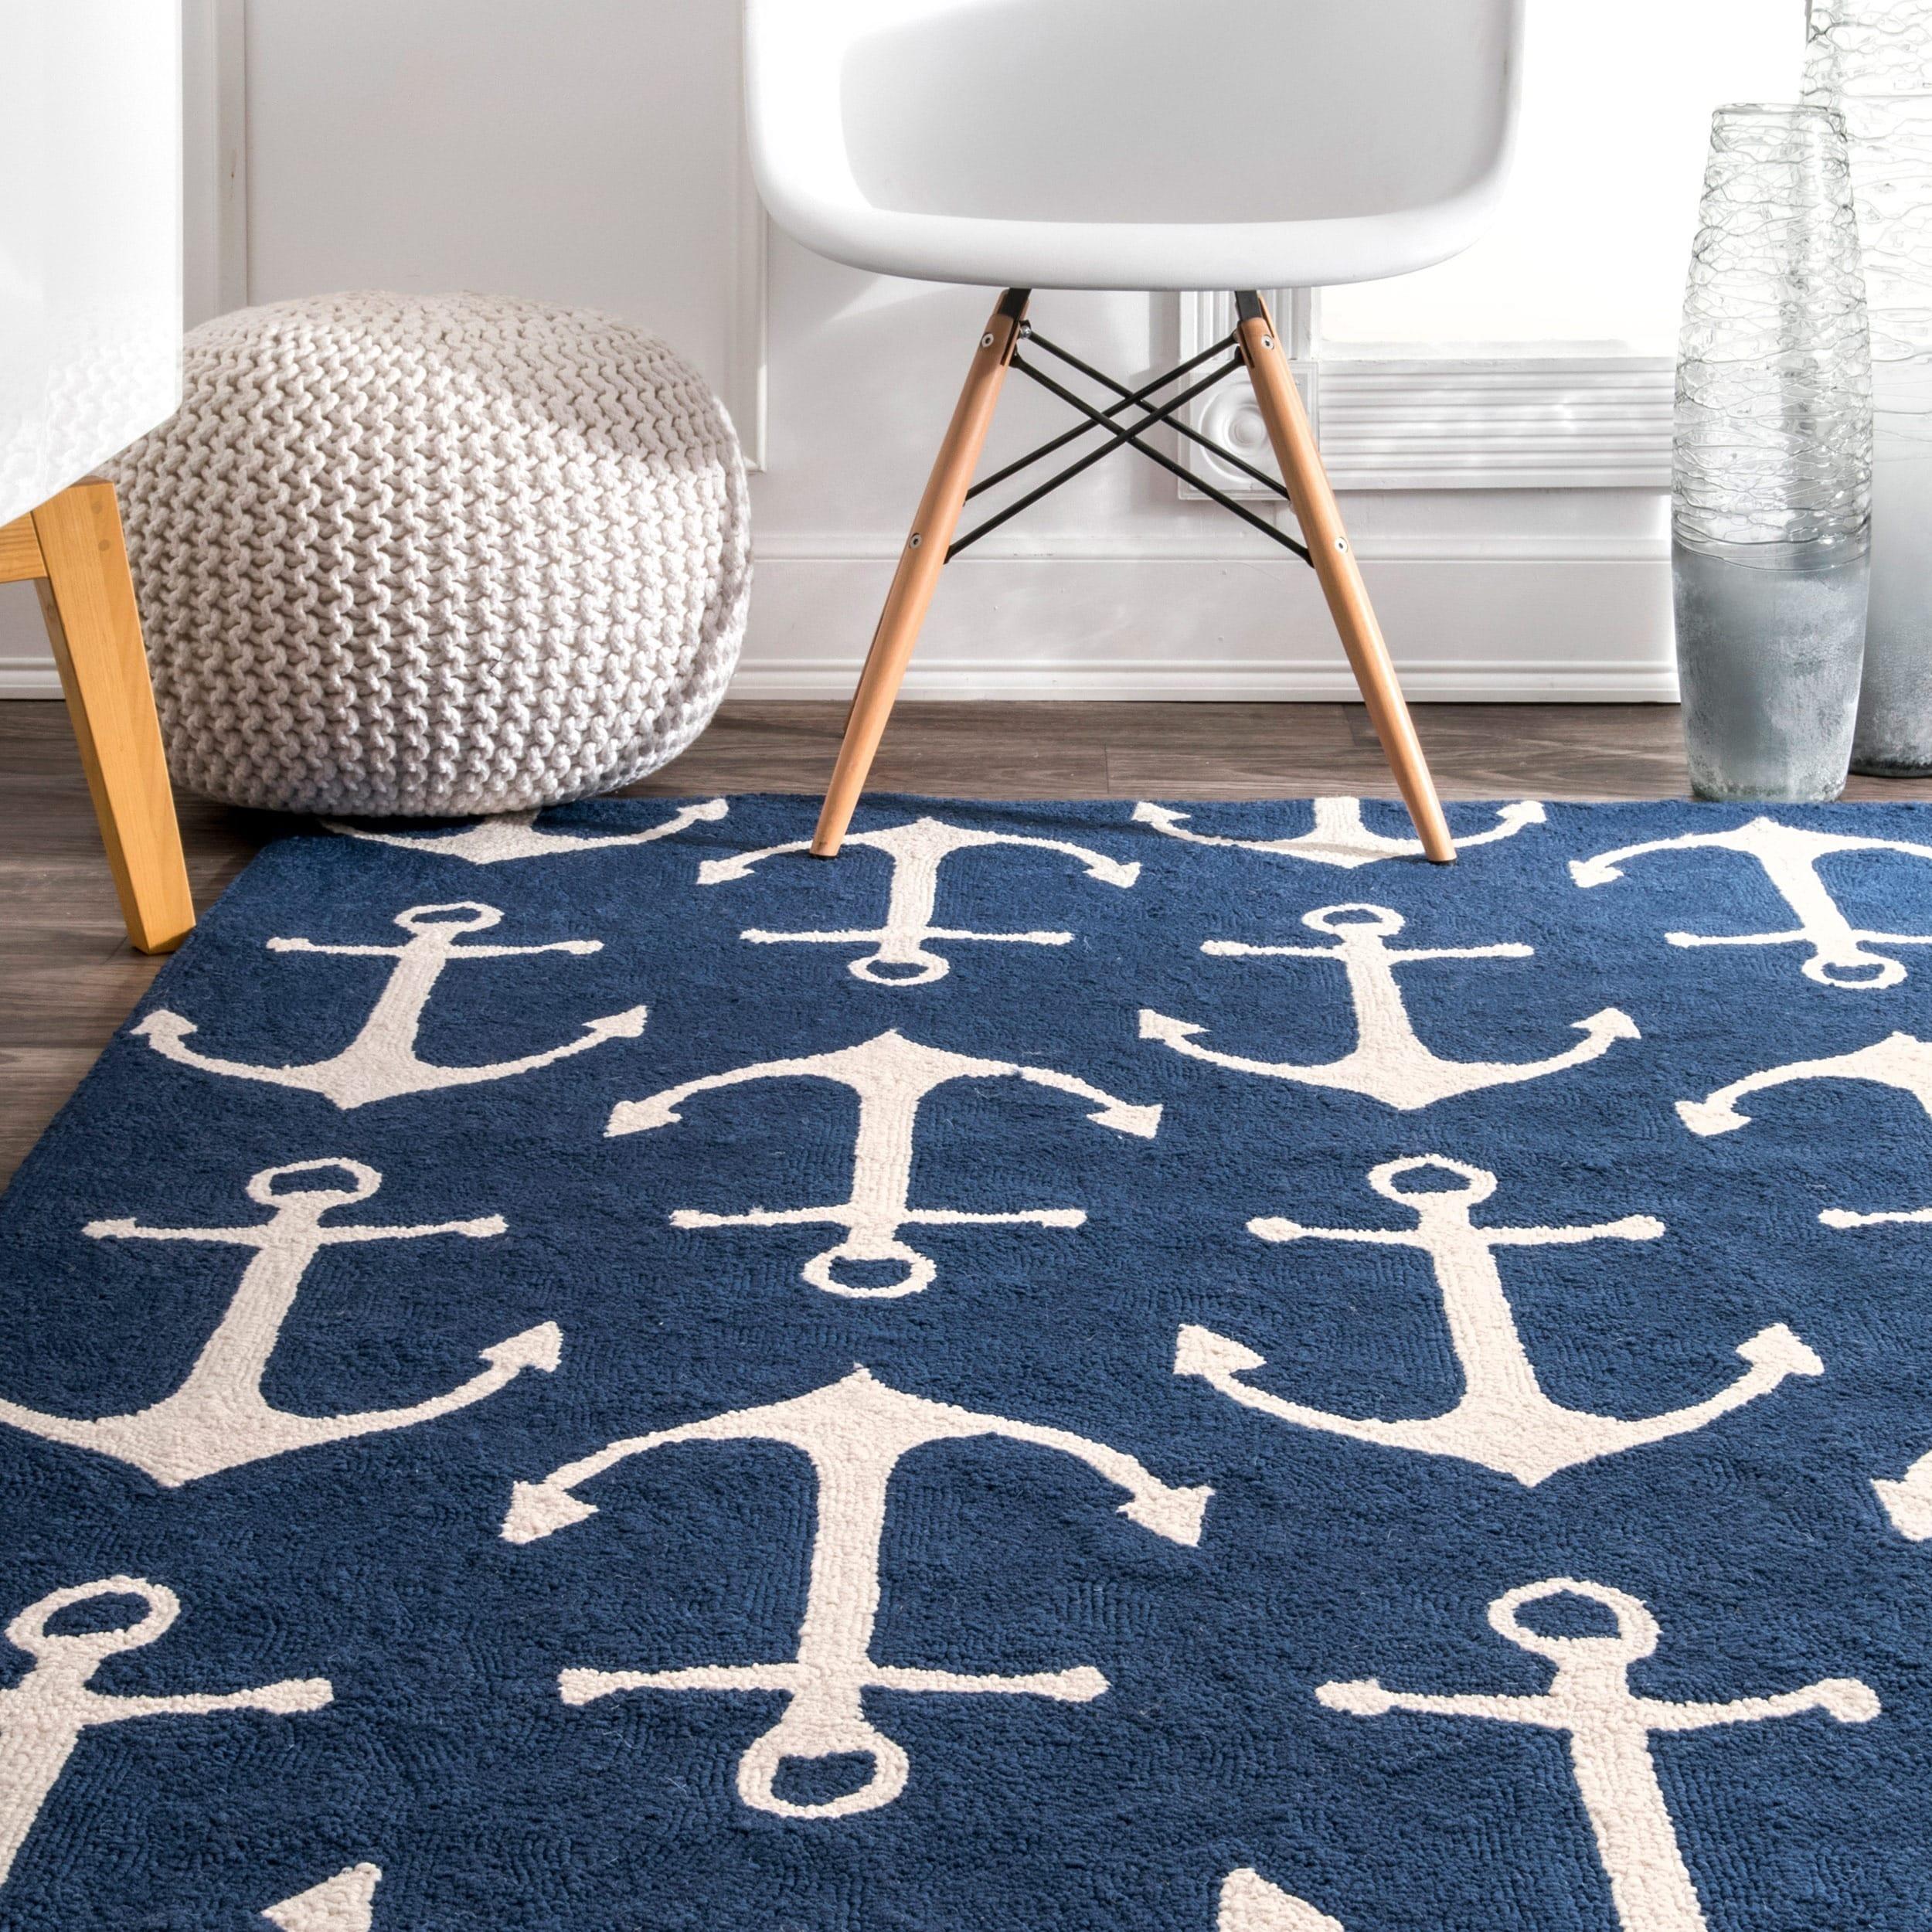 nautical rugs nuloom indoor/ outdoor novelty nautical anchors rug - 5u0027 x 8u0027 - free JOWTBYH